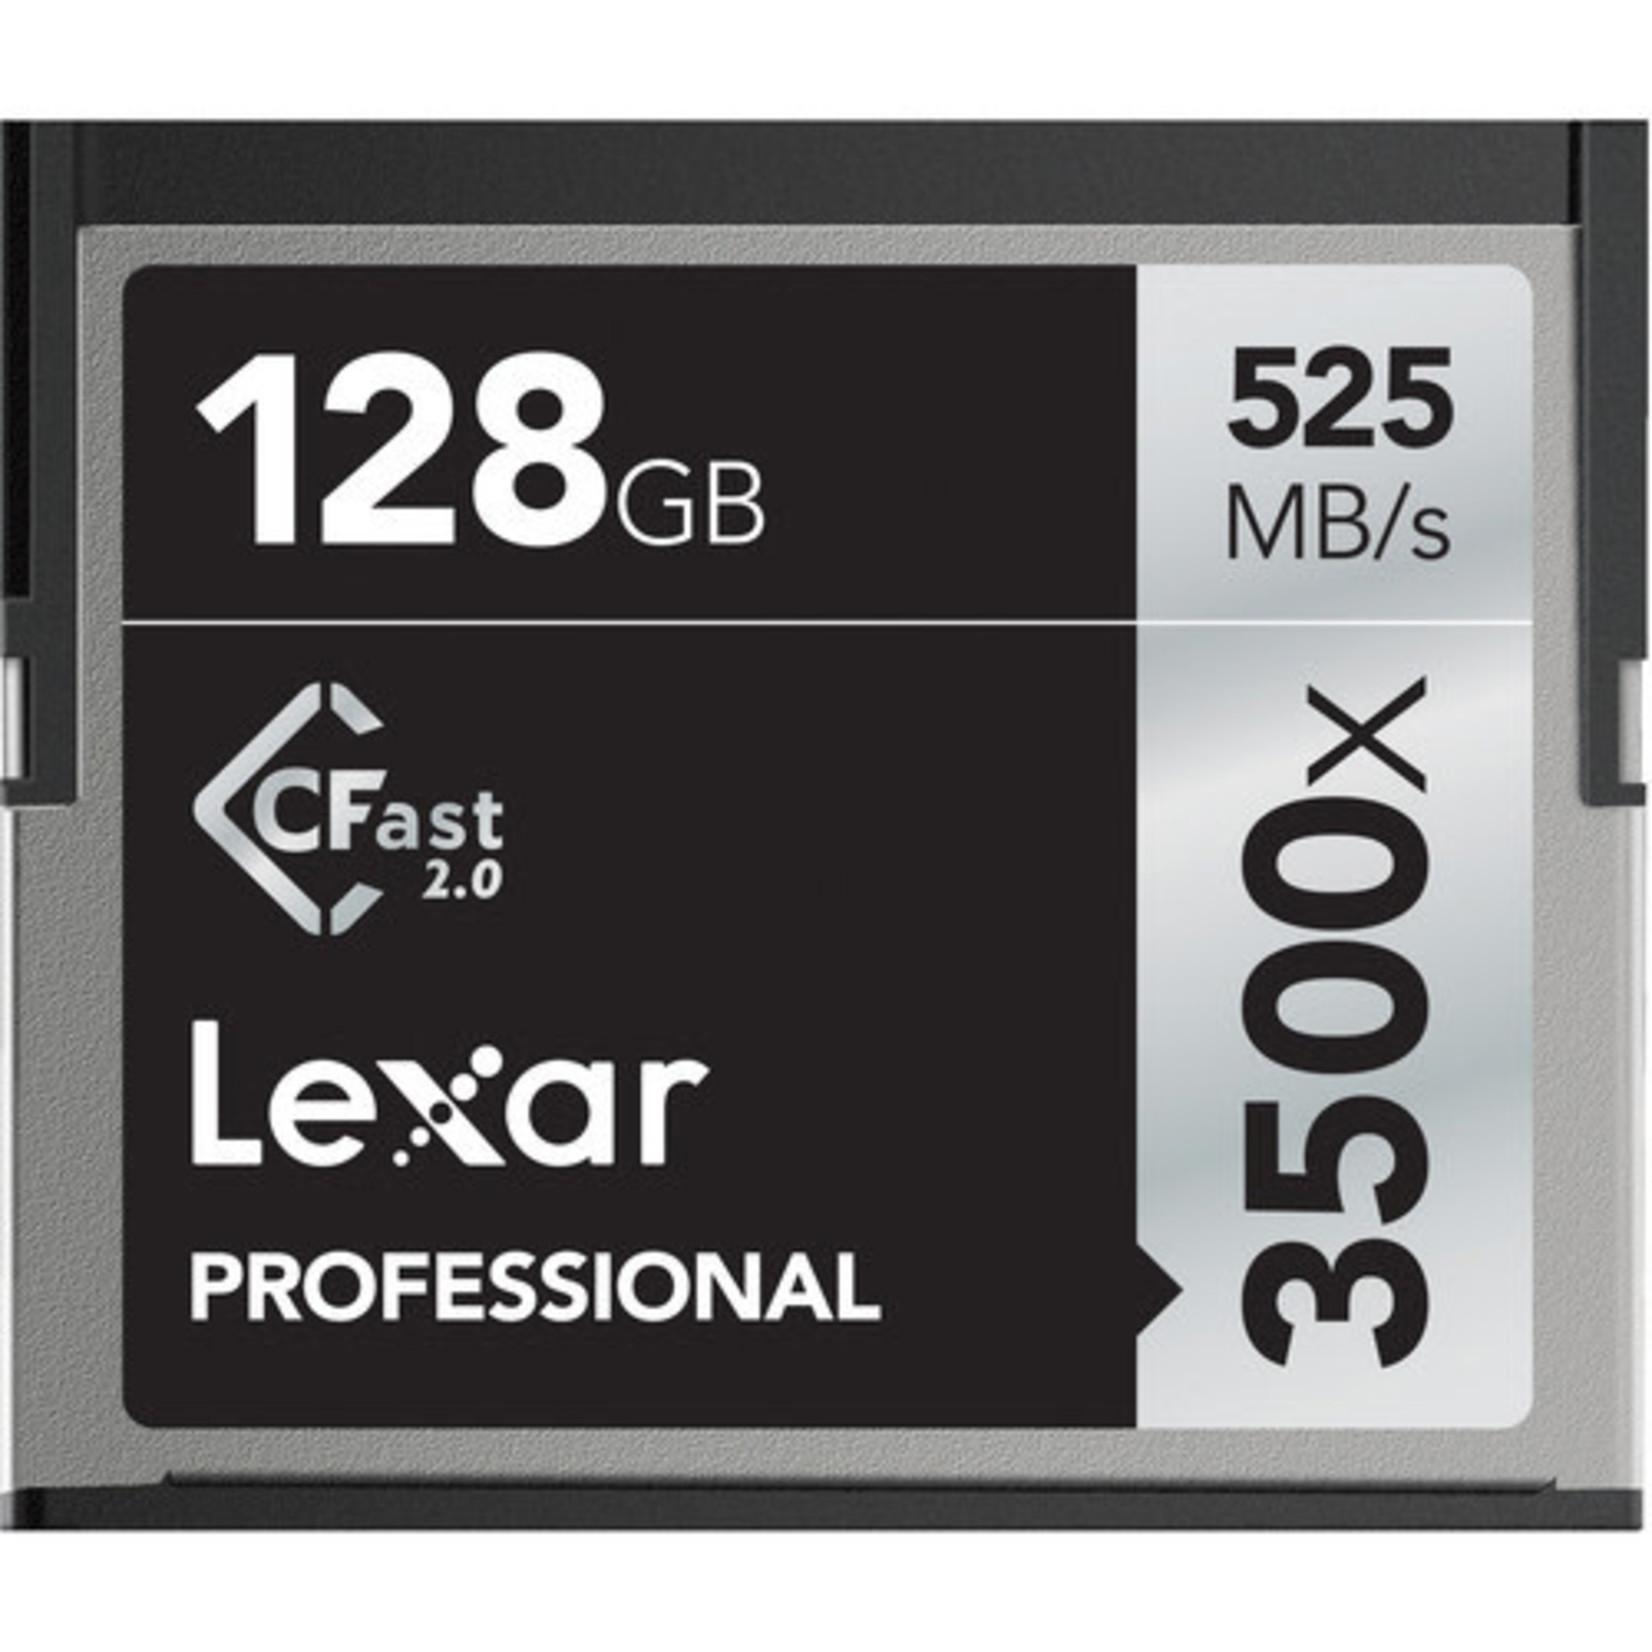 Lexar Lexar 3500x CFast 128GB Memory Card